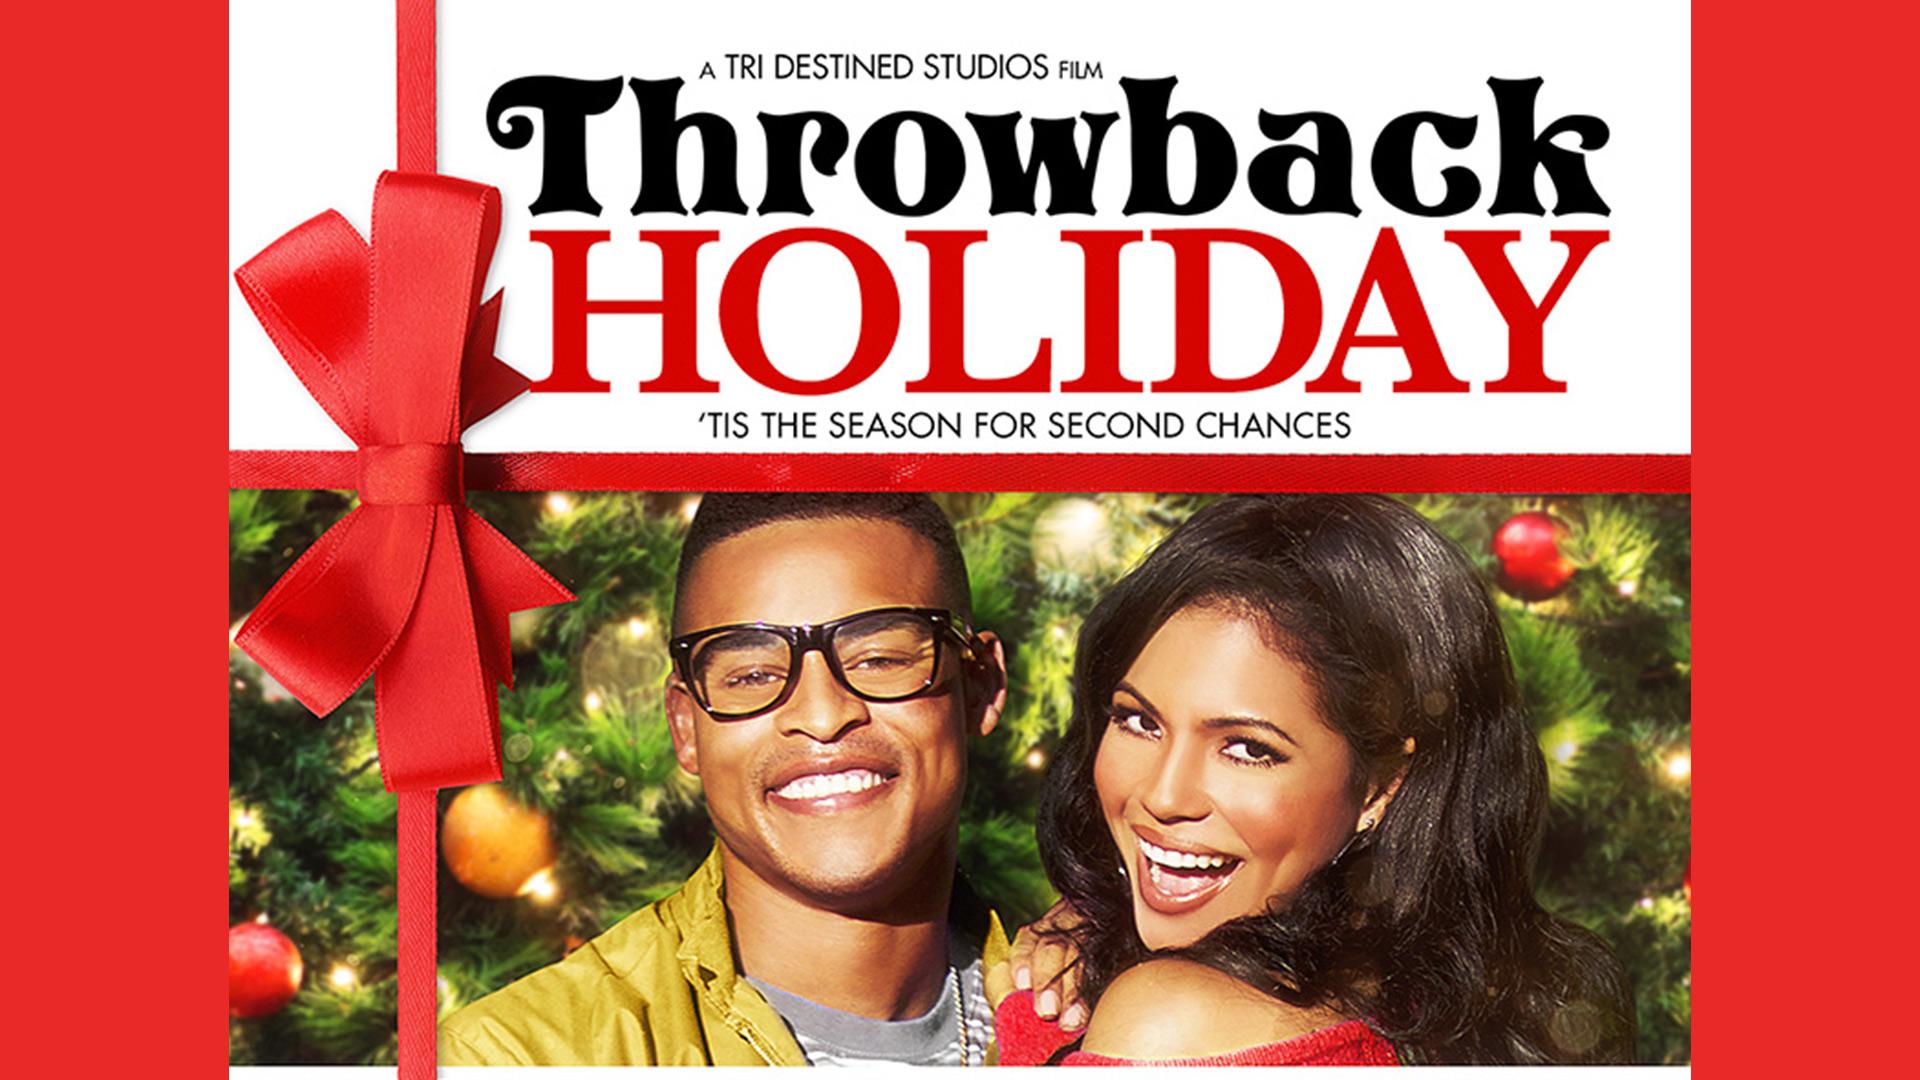 Throwback Holiday